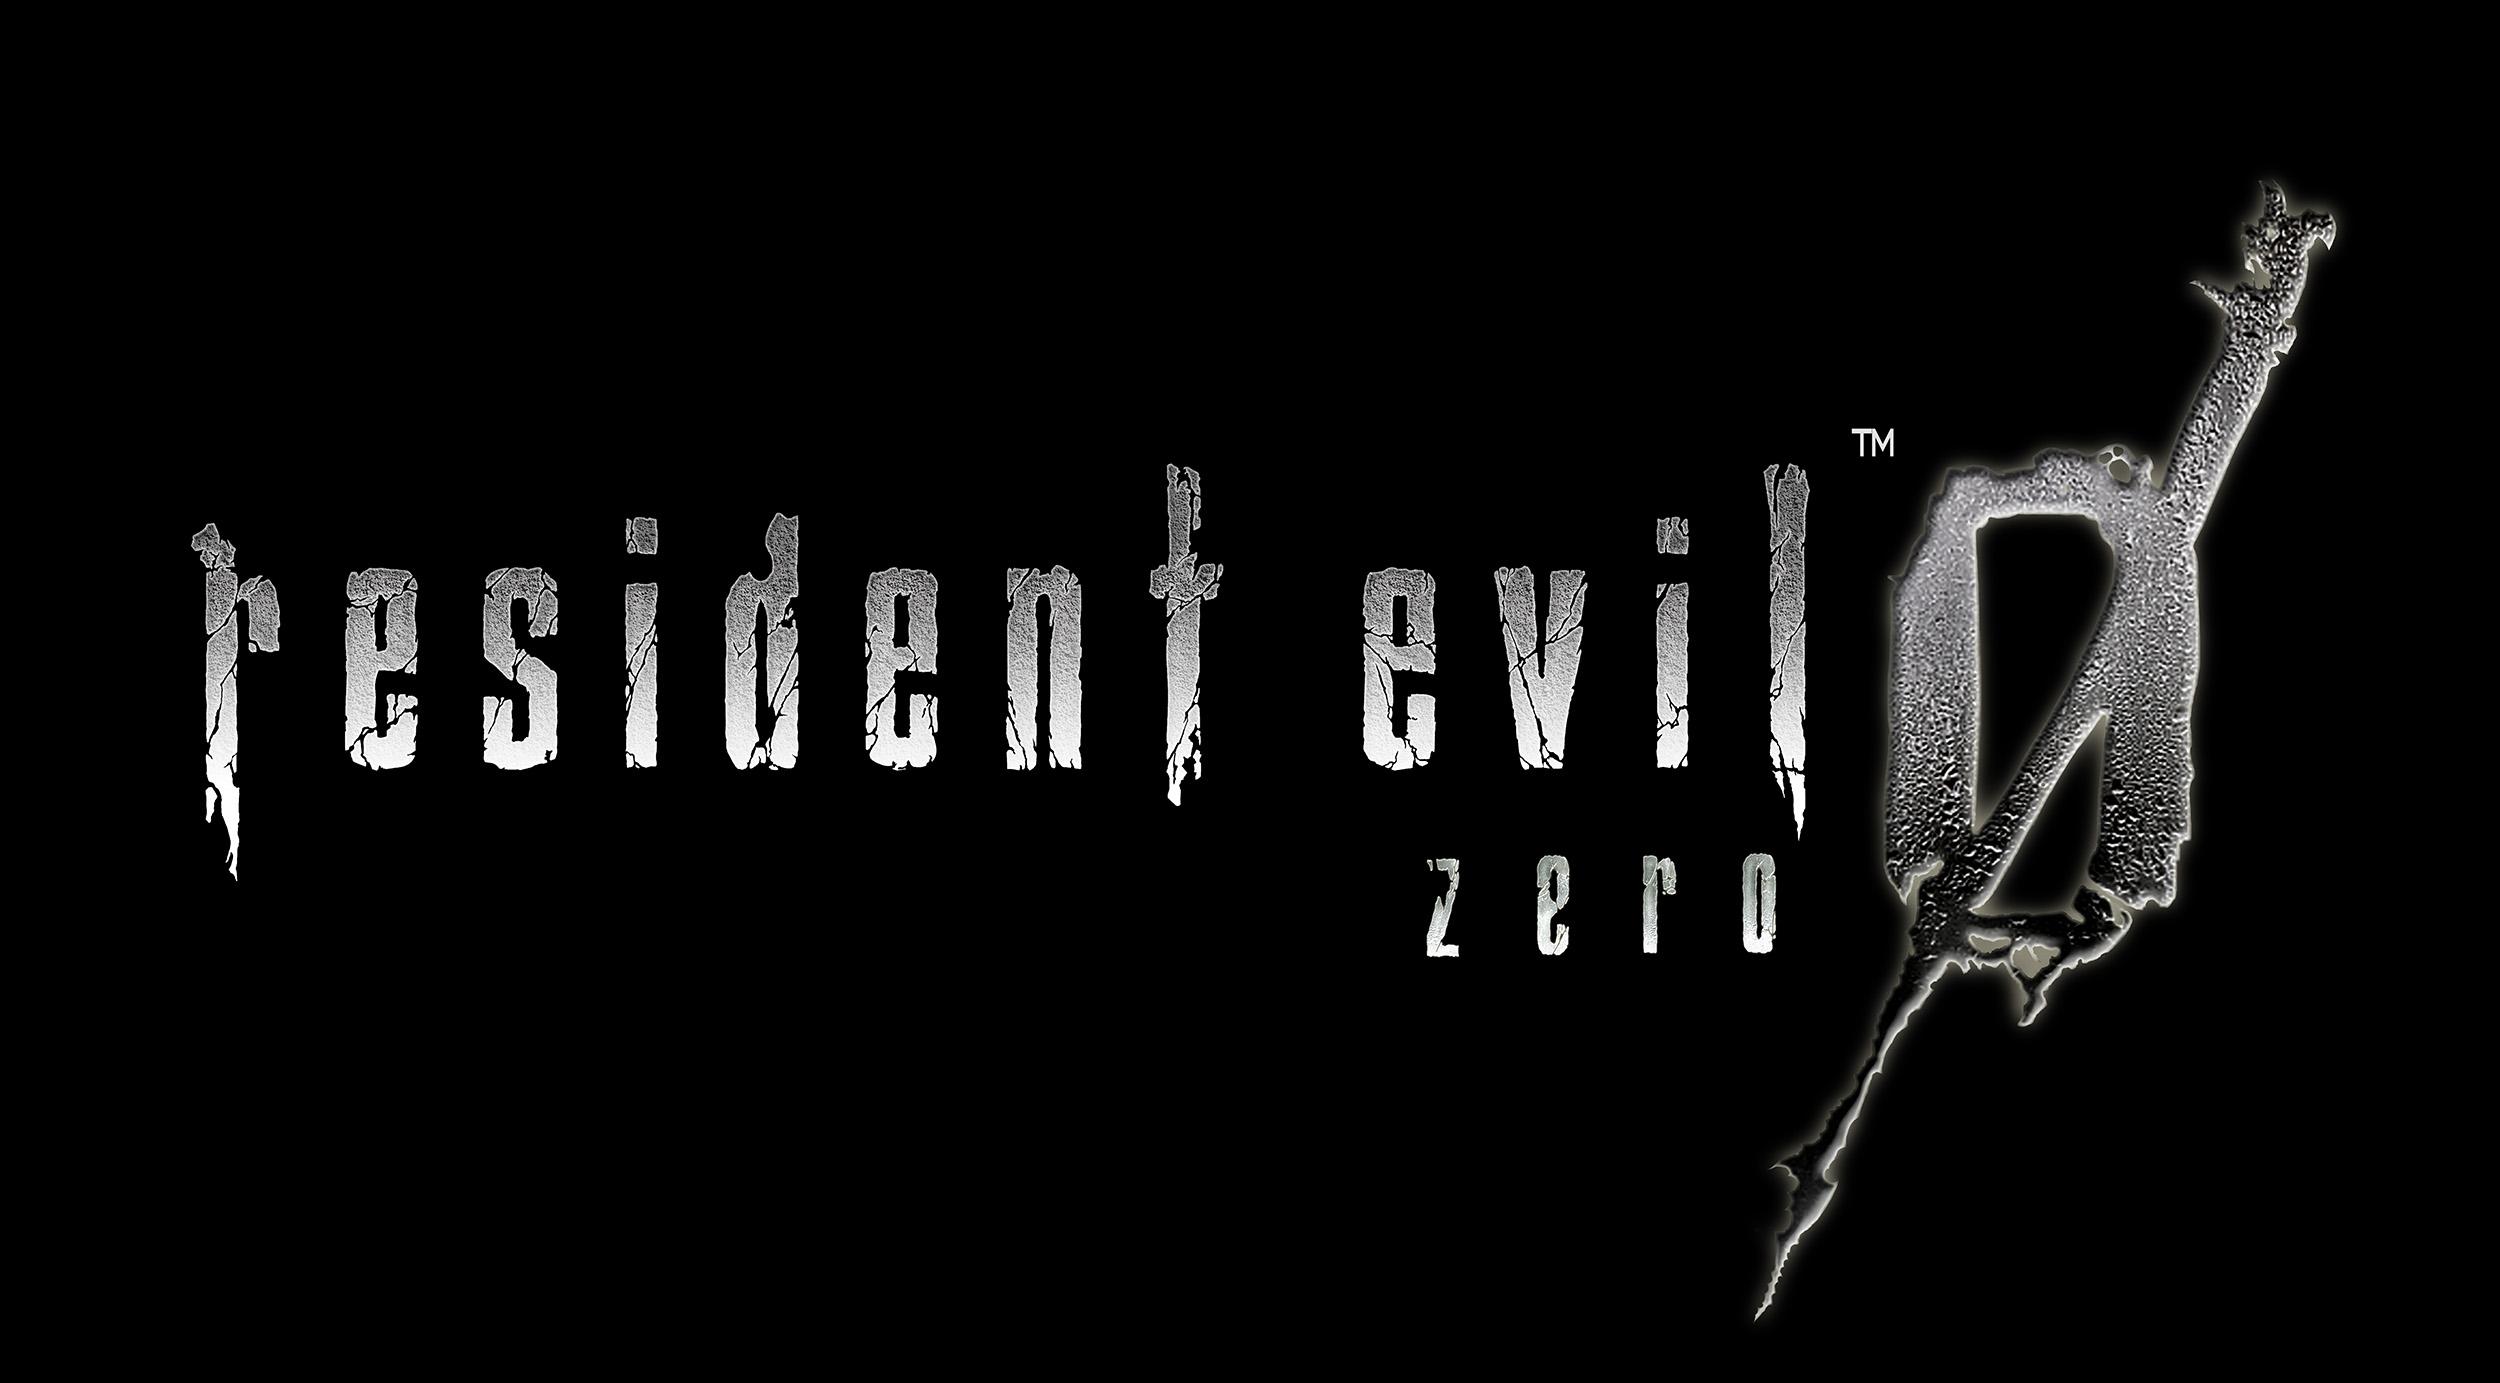 resident-evil-zero-tm-logo